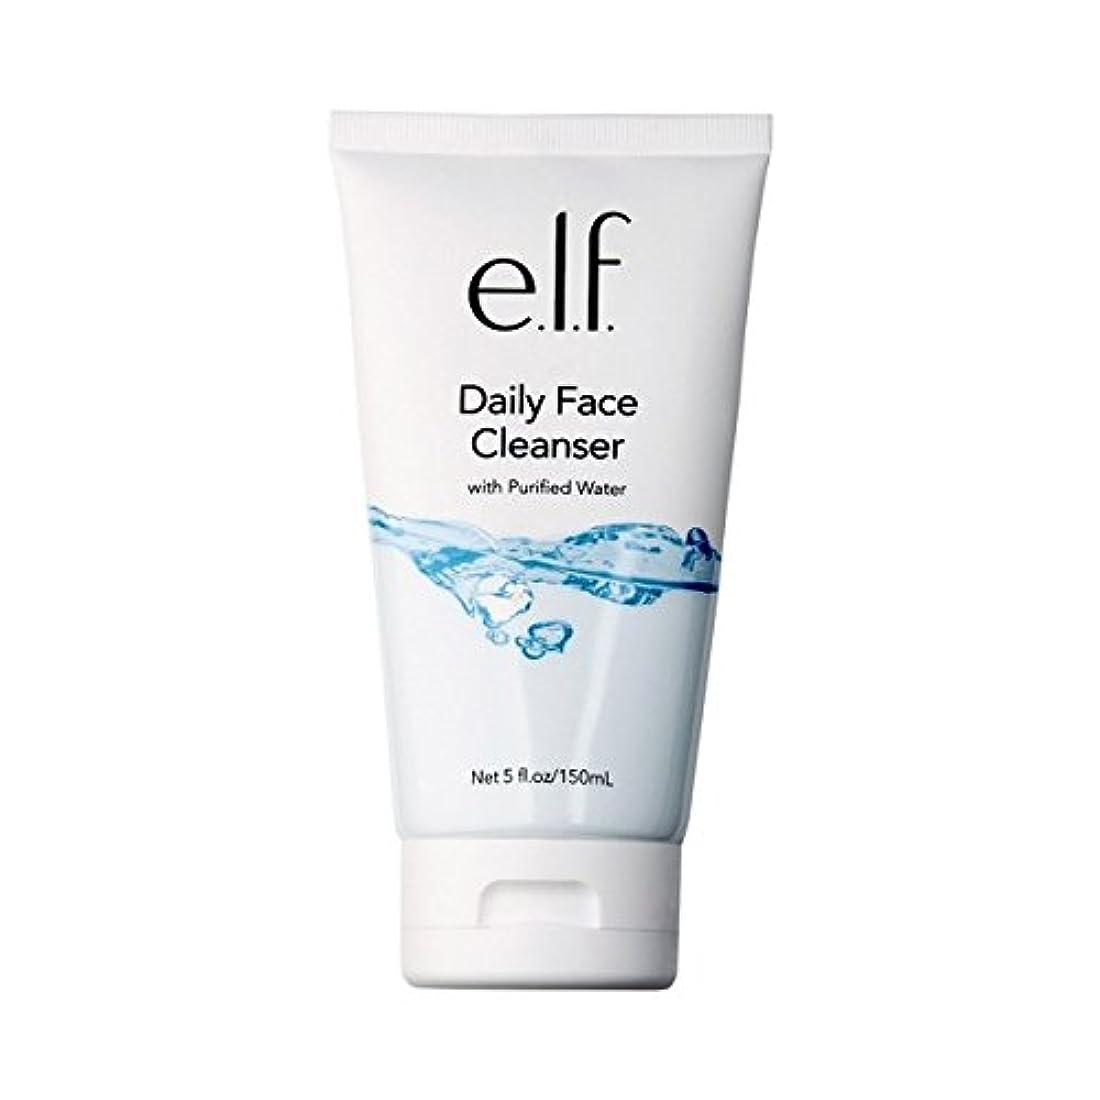 記憶に残る暫定良心的(6 Pack) e.l.f. Daily Face Cleanser (並行輸入品)